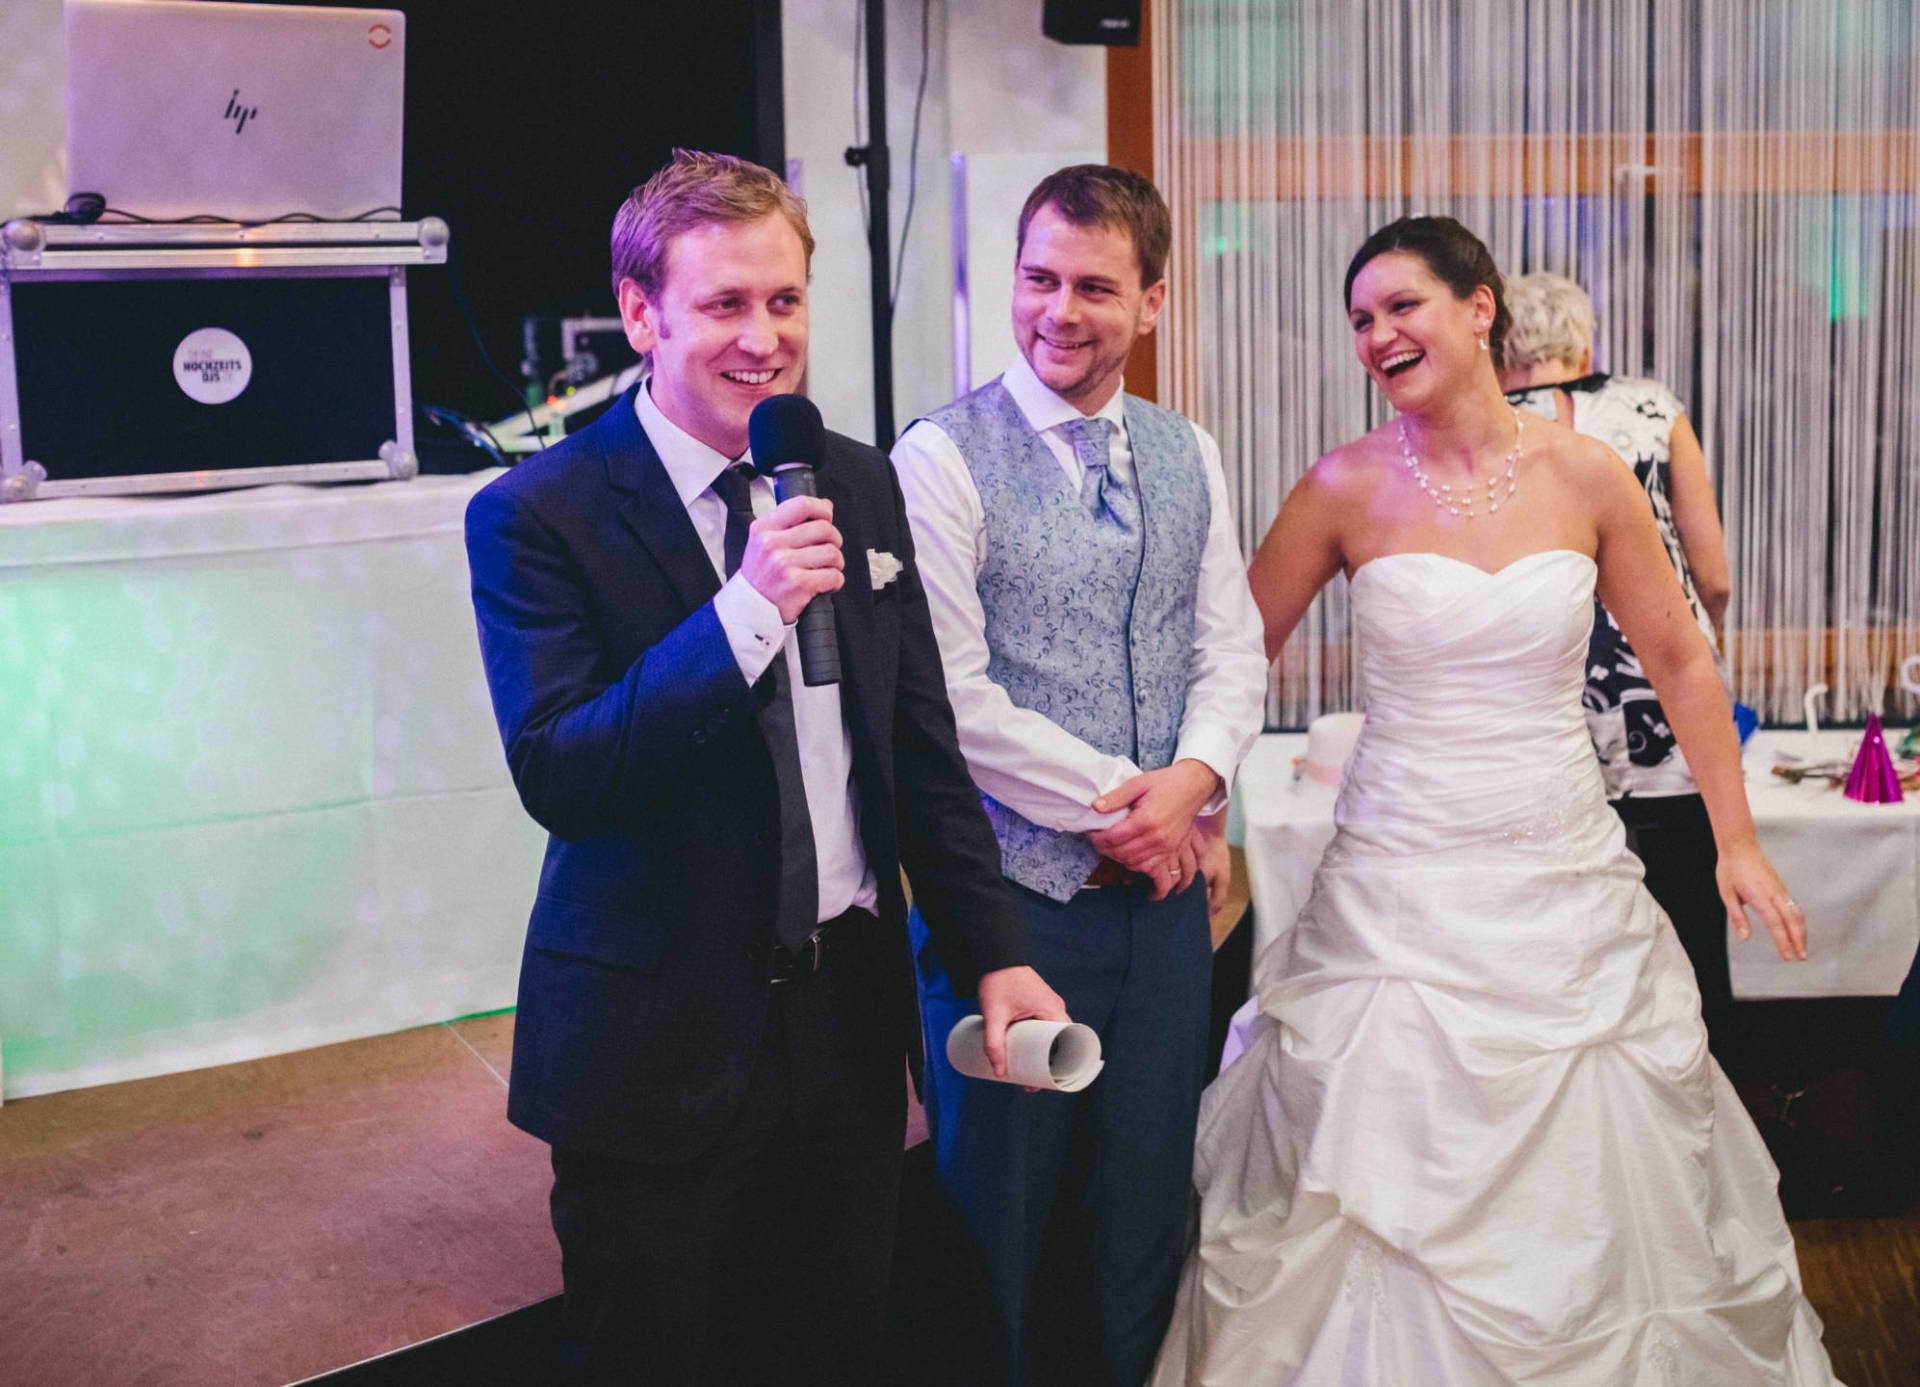 Hochzeitsreportage | Hochzeit im Paradies Jena | 42